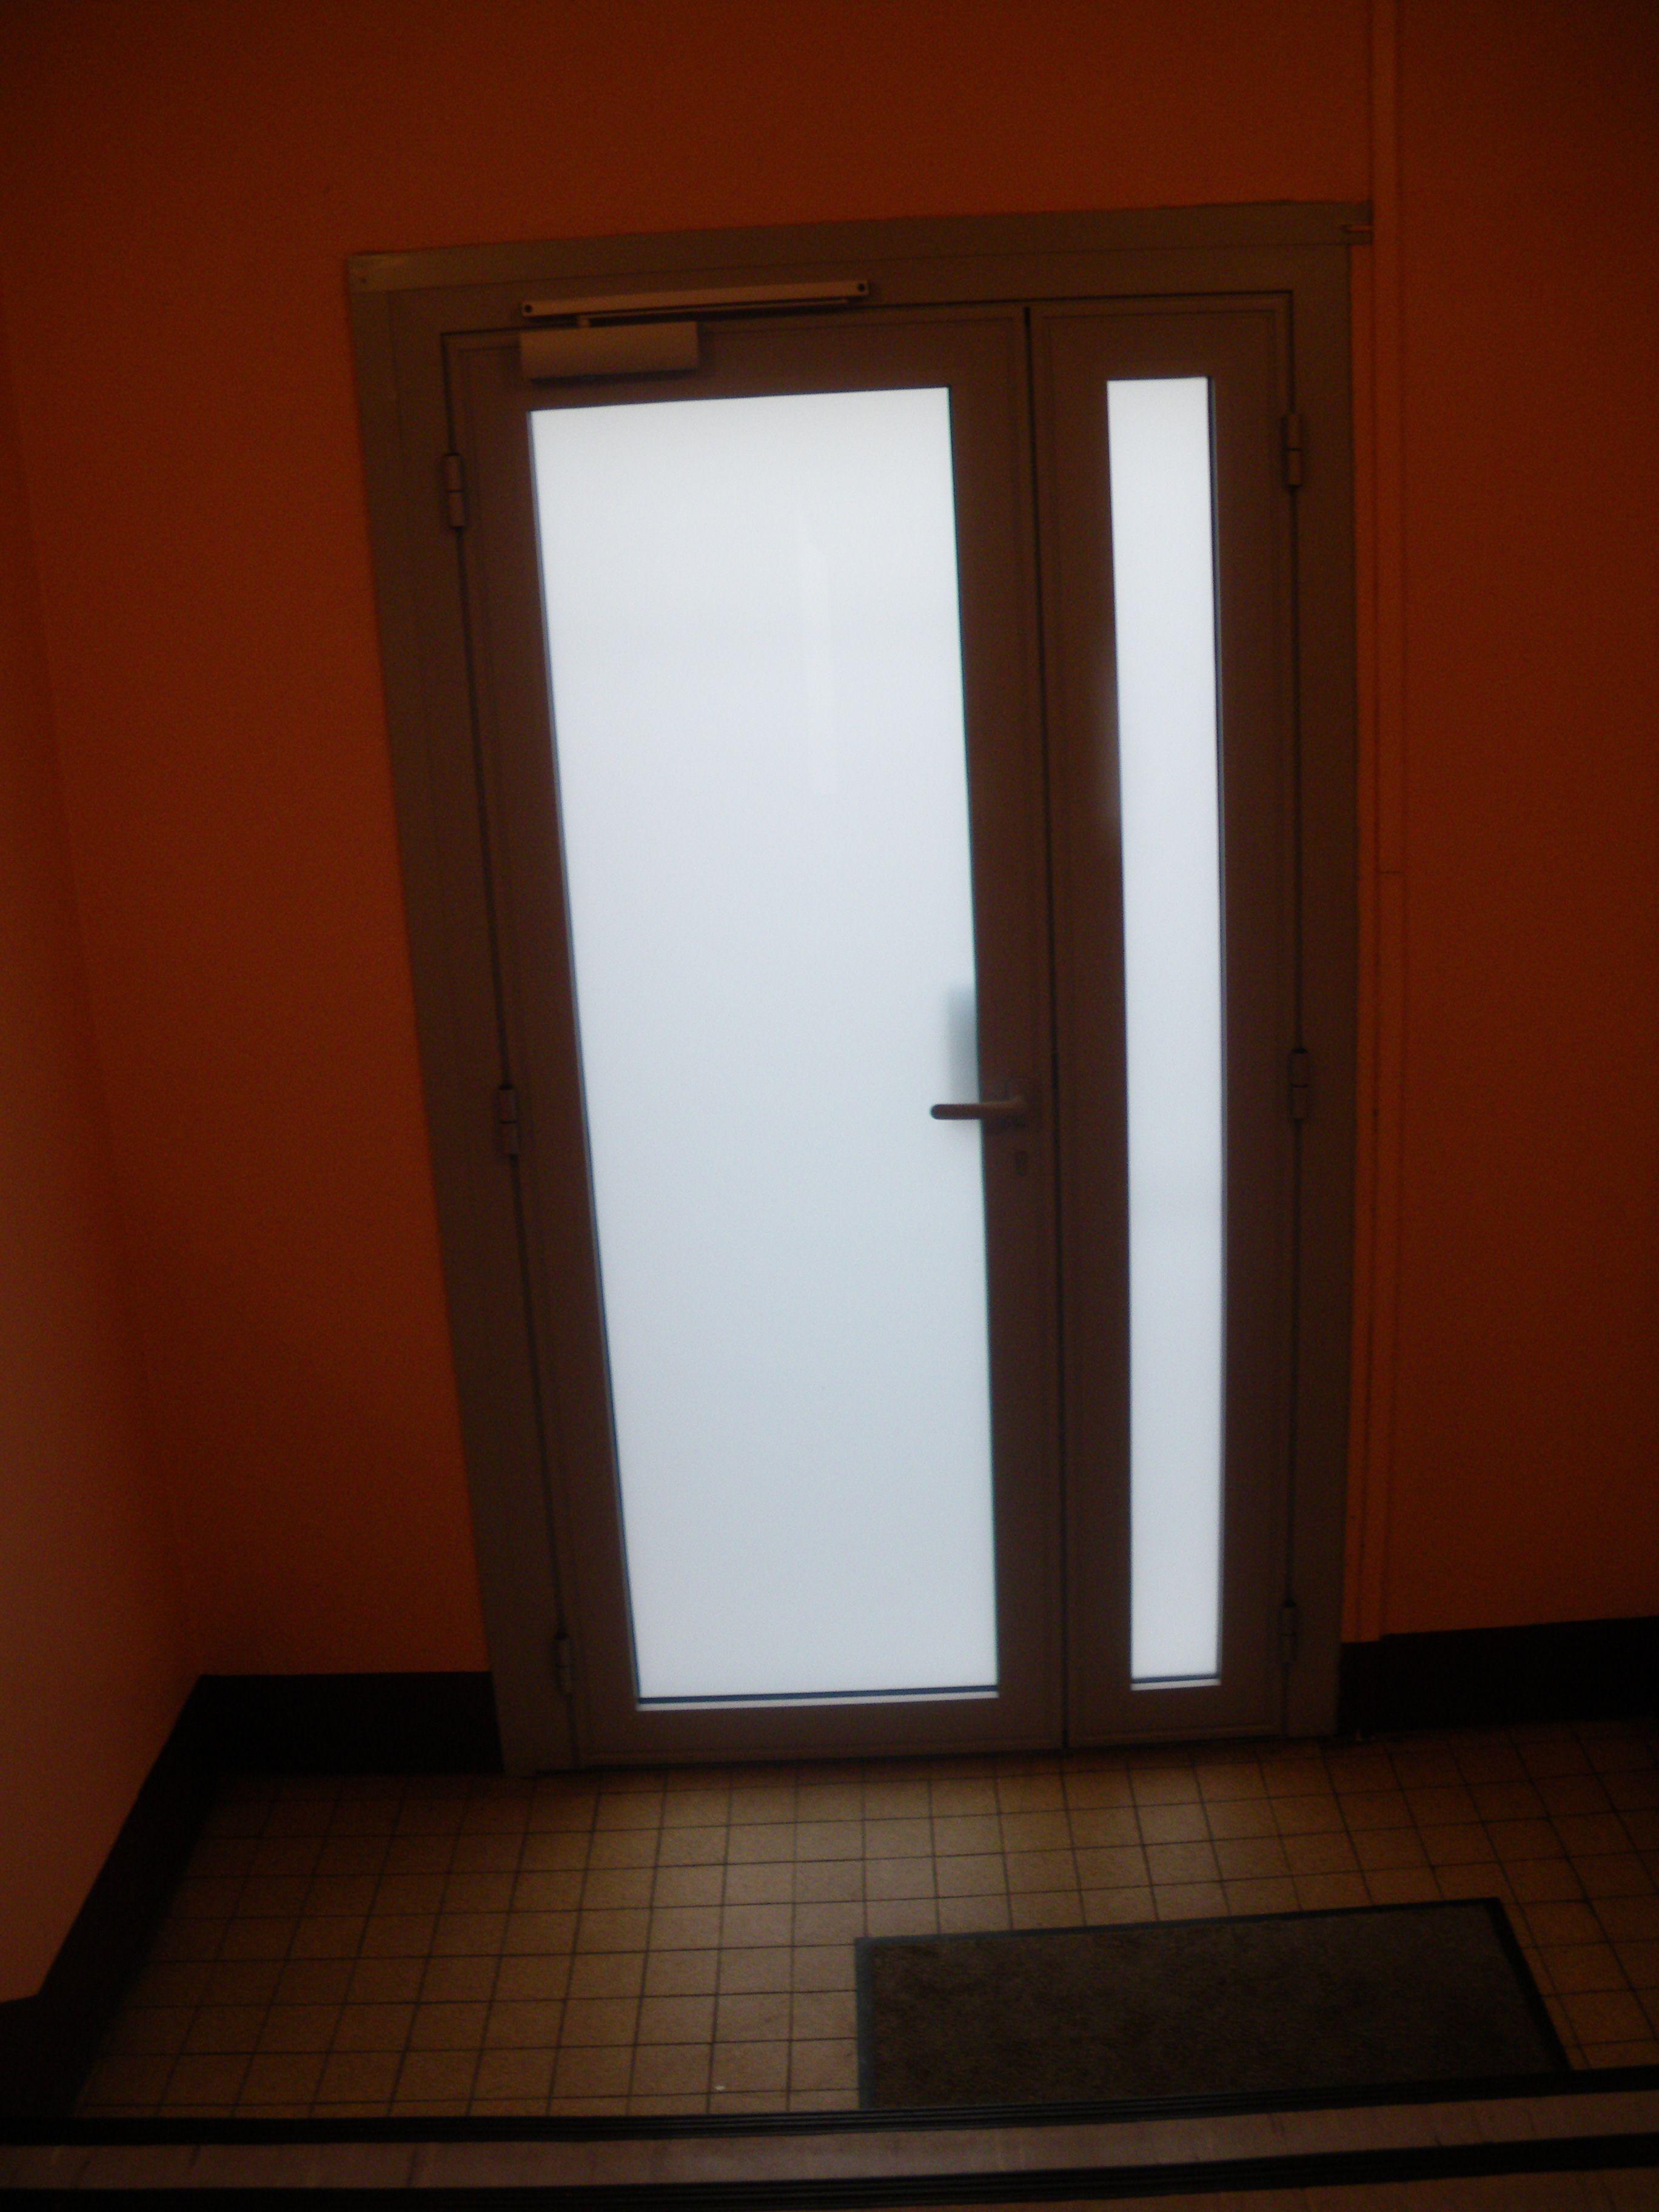 Porte d 39 immeuble vue de l 39 int rieur - Porte bloquee de l interieur ...